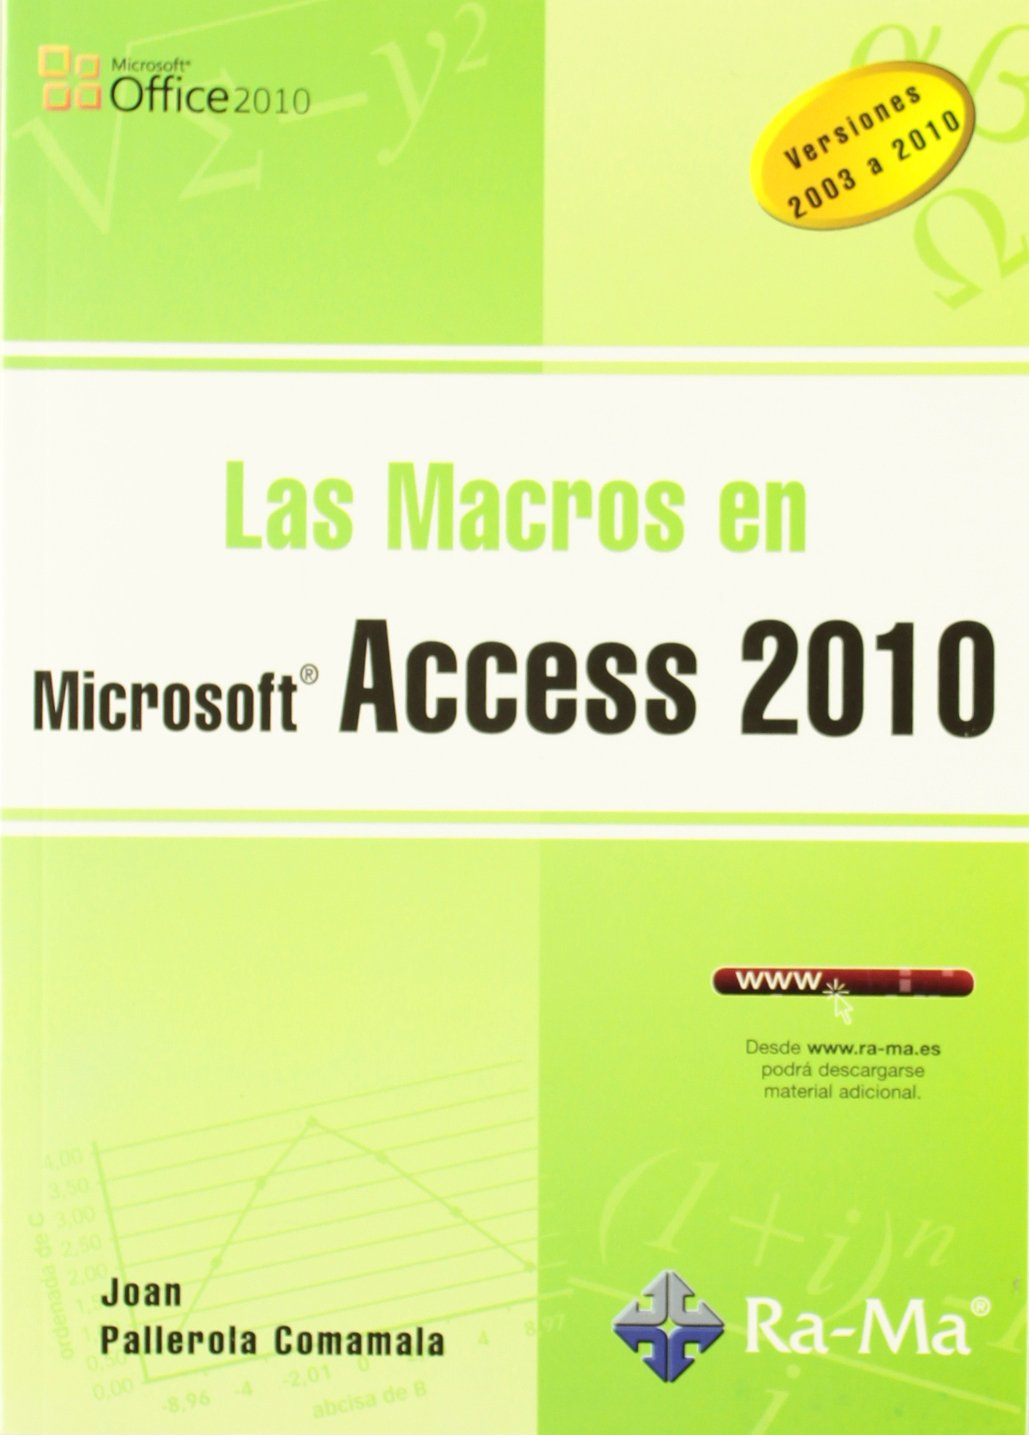 Las Macros en Access 2010 Tapa blanda – 29 jul 2011 Joan Pallerola Comamala ANTONIO GARCIA TOME 8499641156 1881929